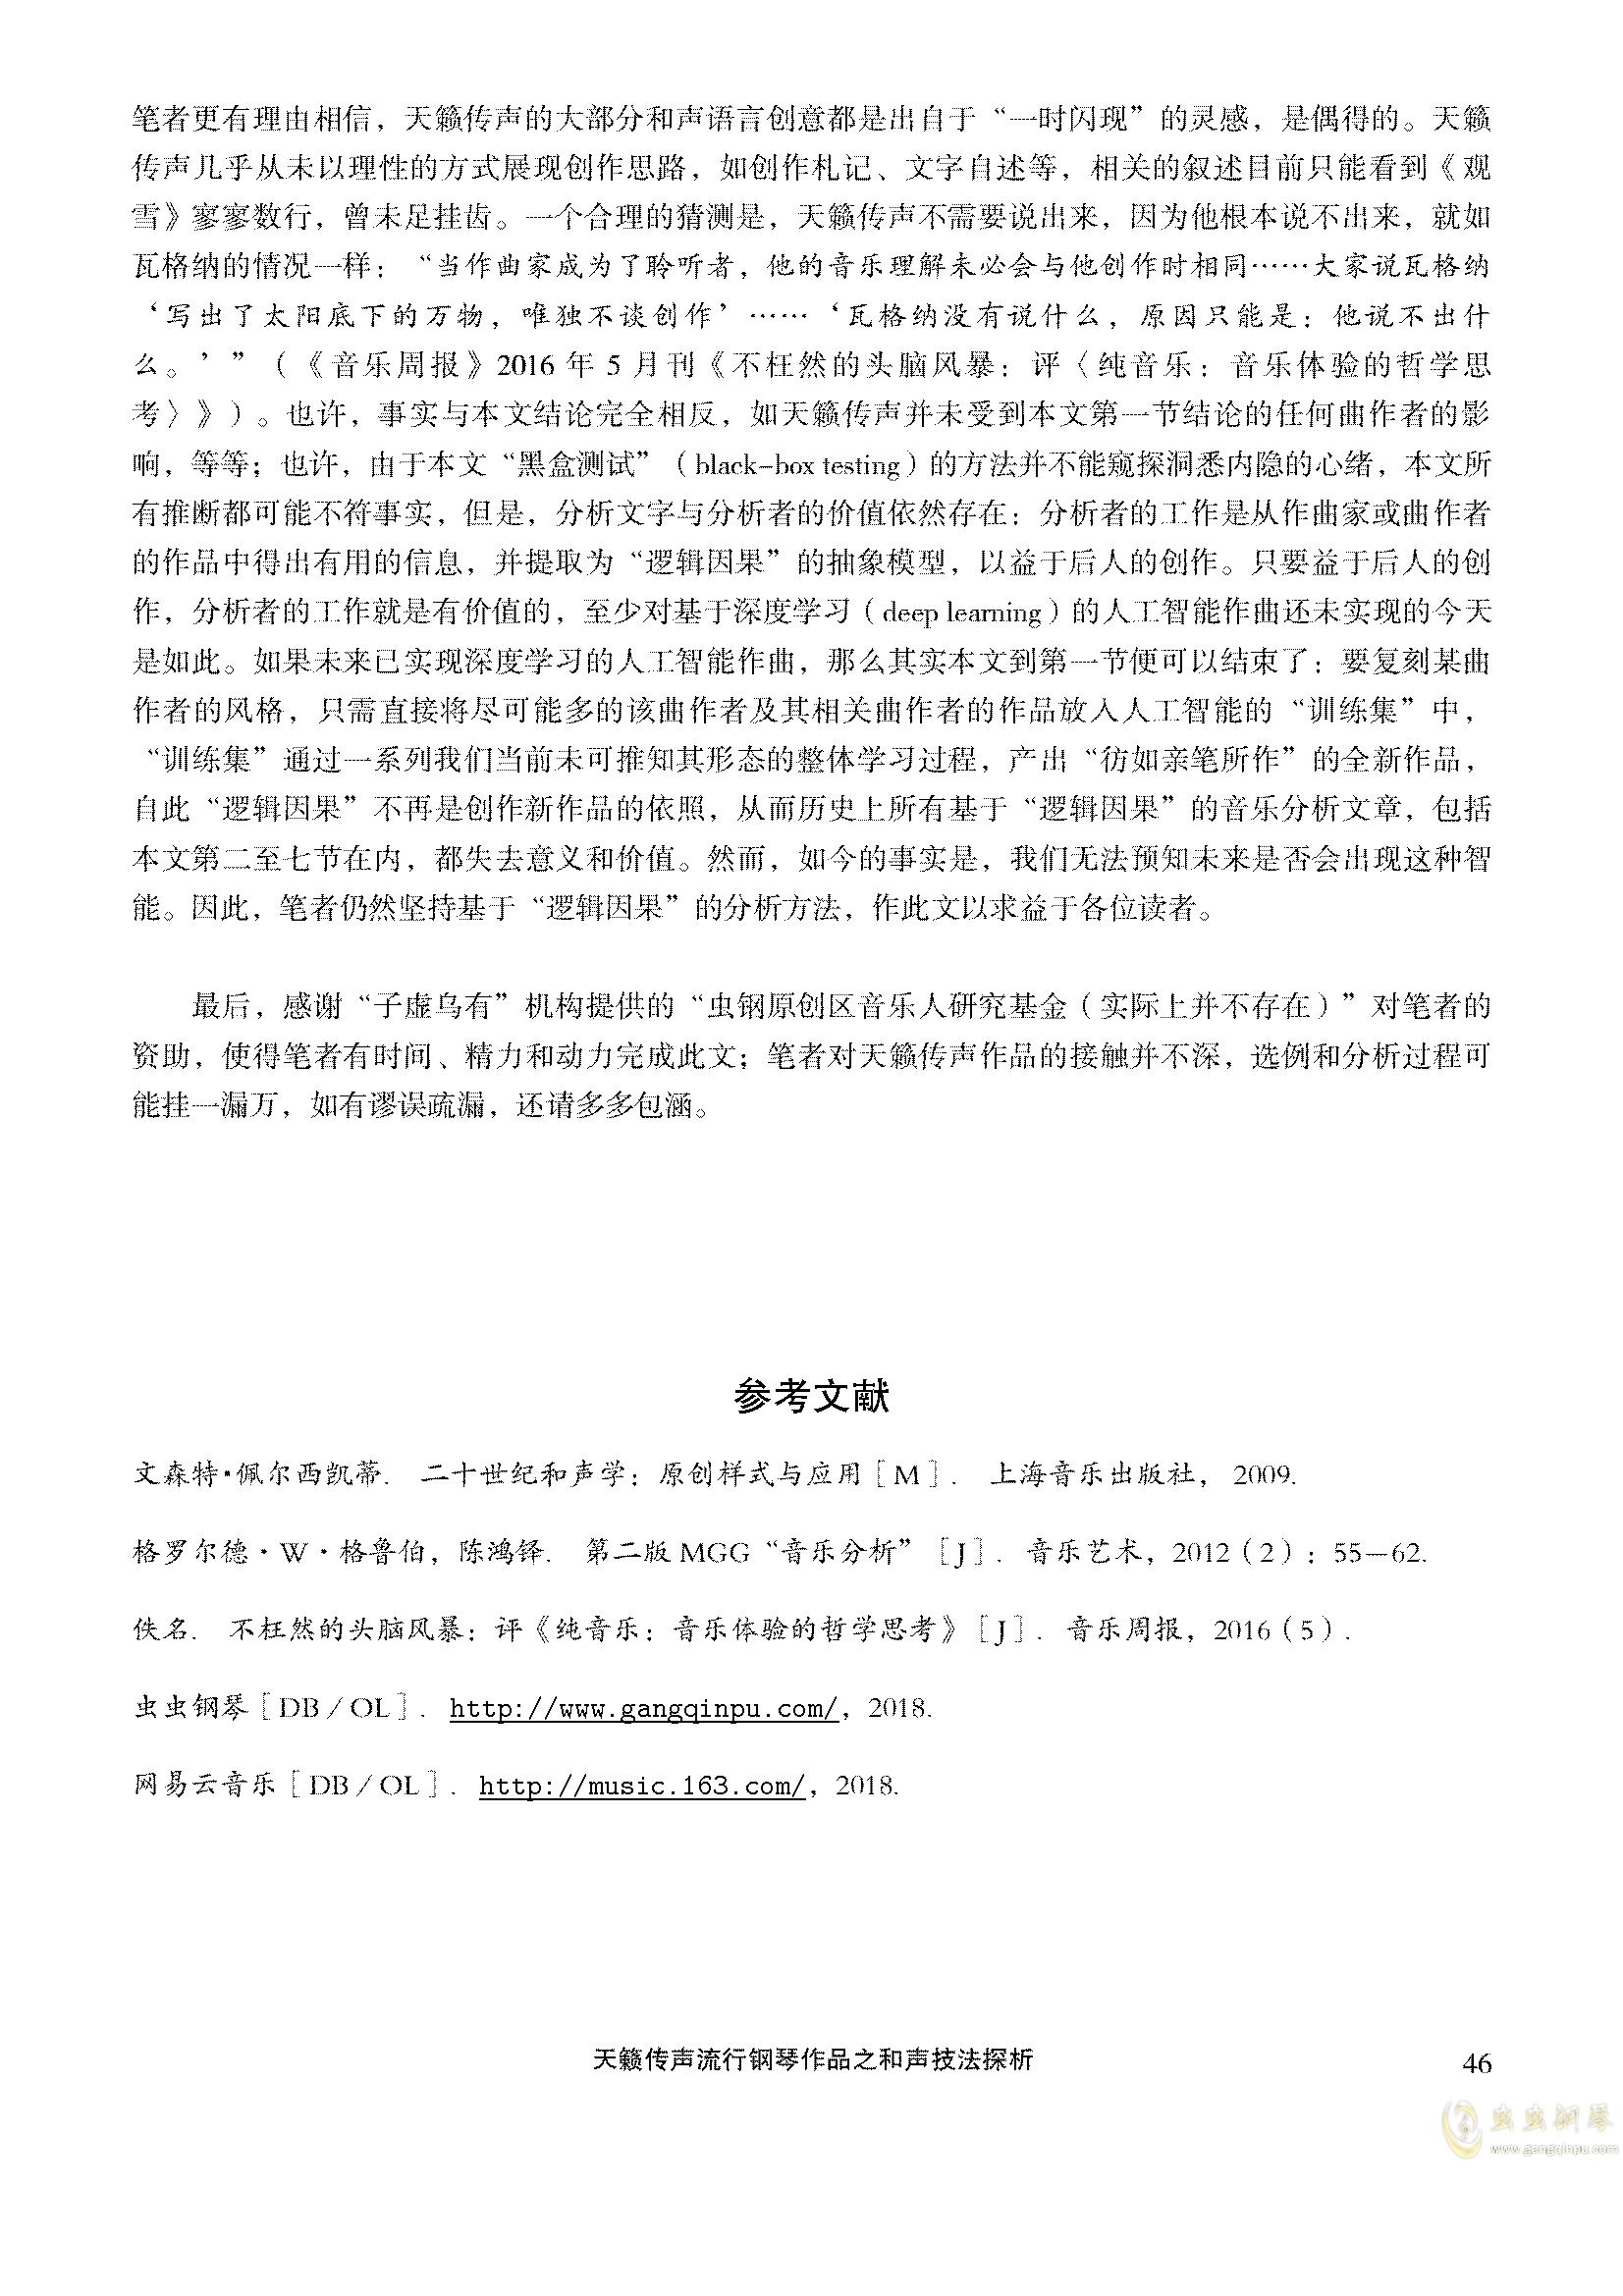 天籁传声和声技法探析澳门星际官网 第46页